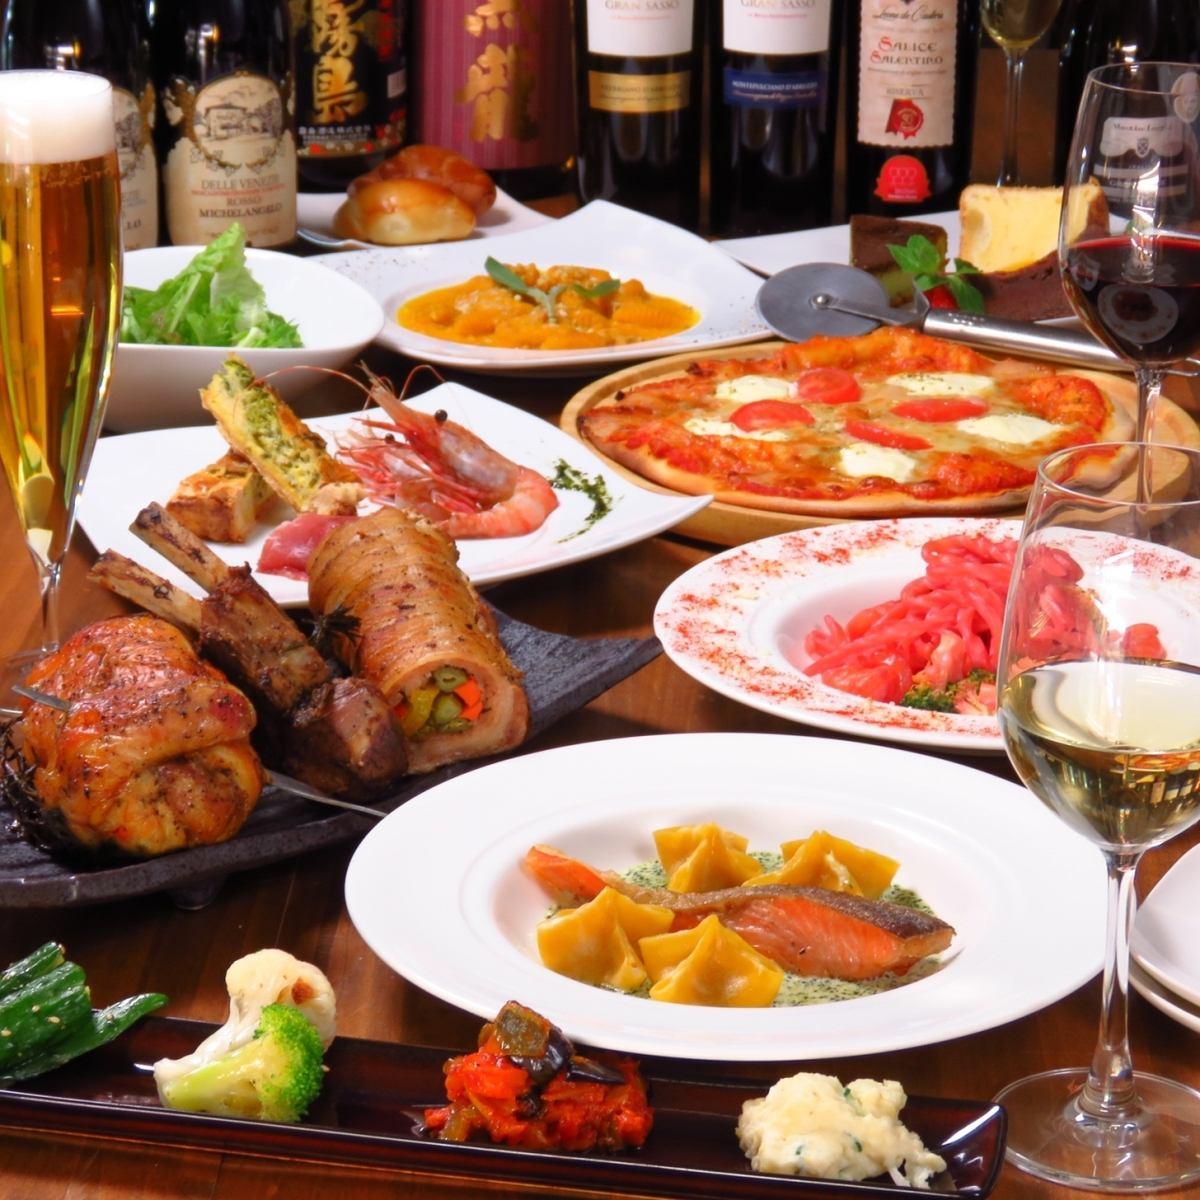 イタリアンやお洒落なだけのお店なら他店で、そうではないあなたに語りかける特別な店